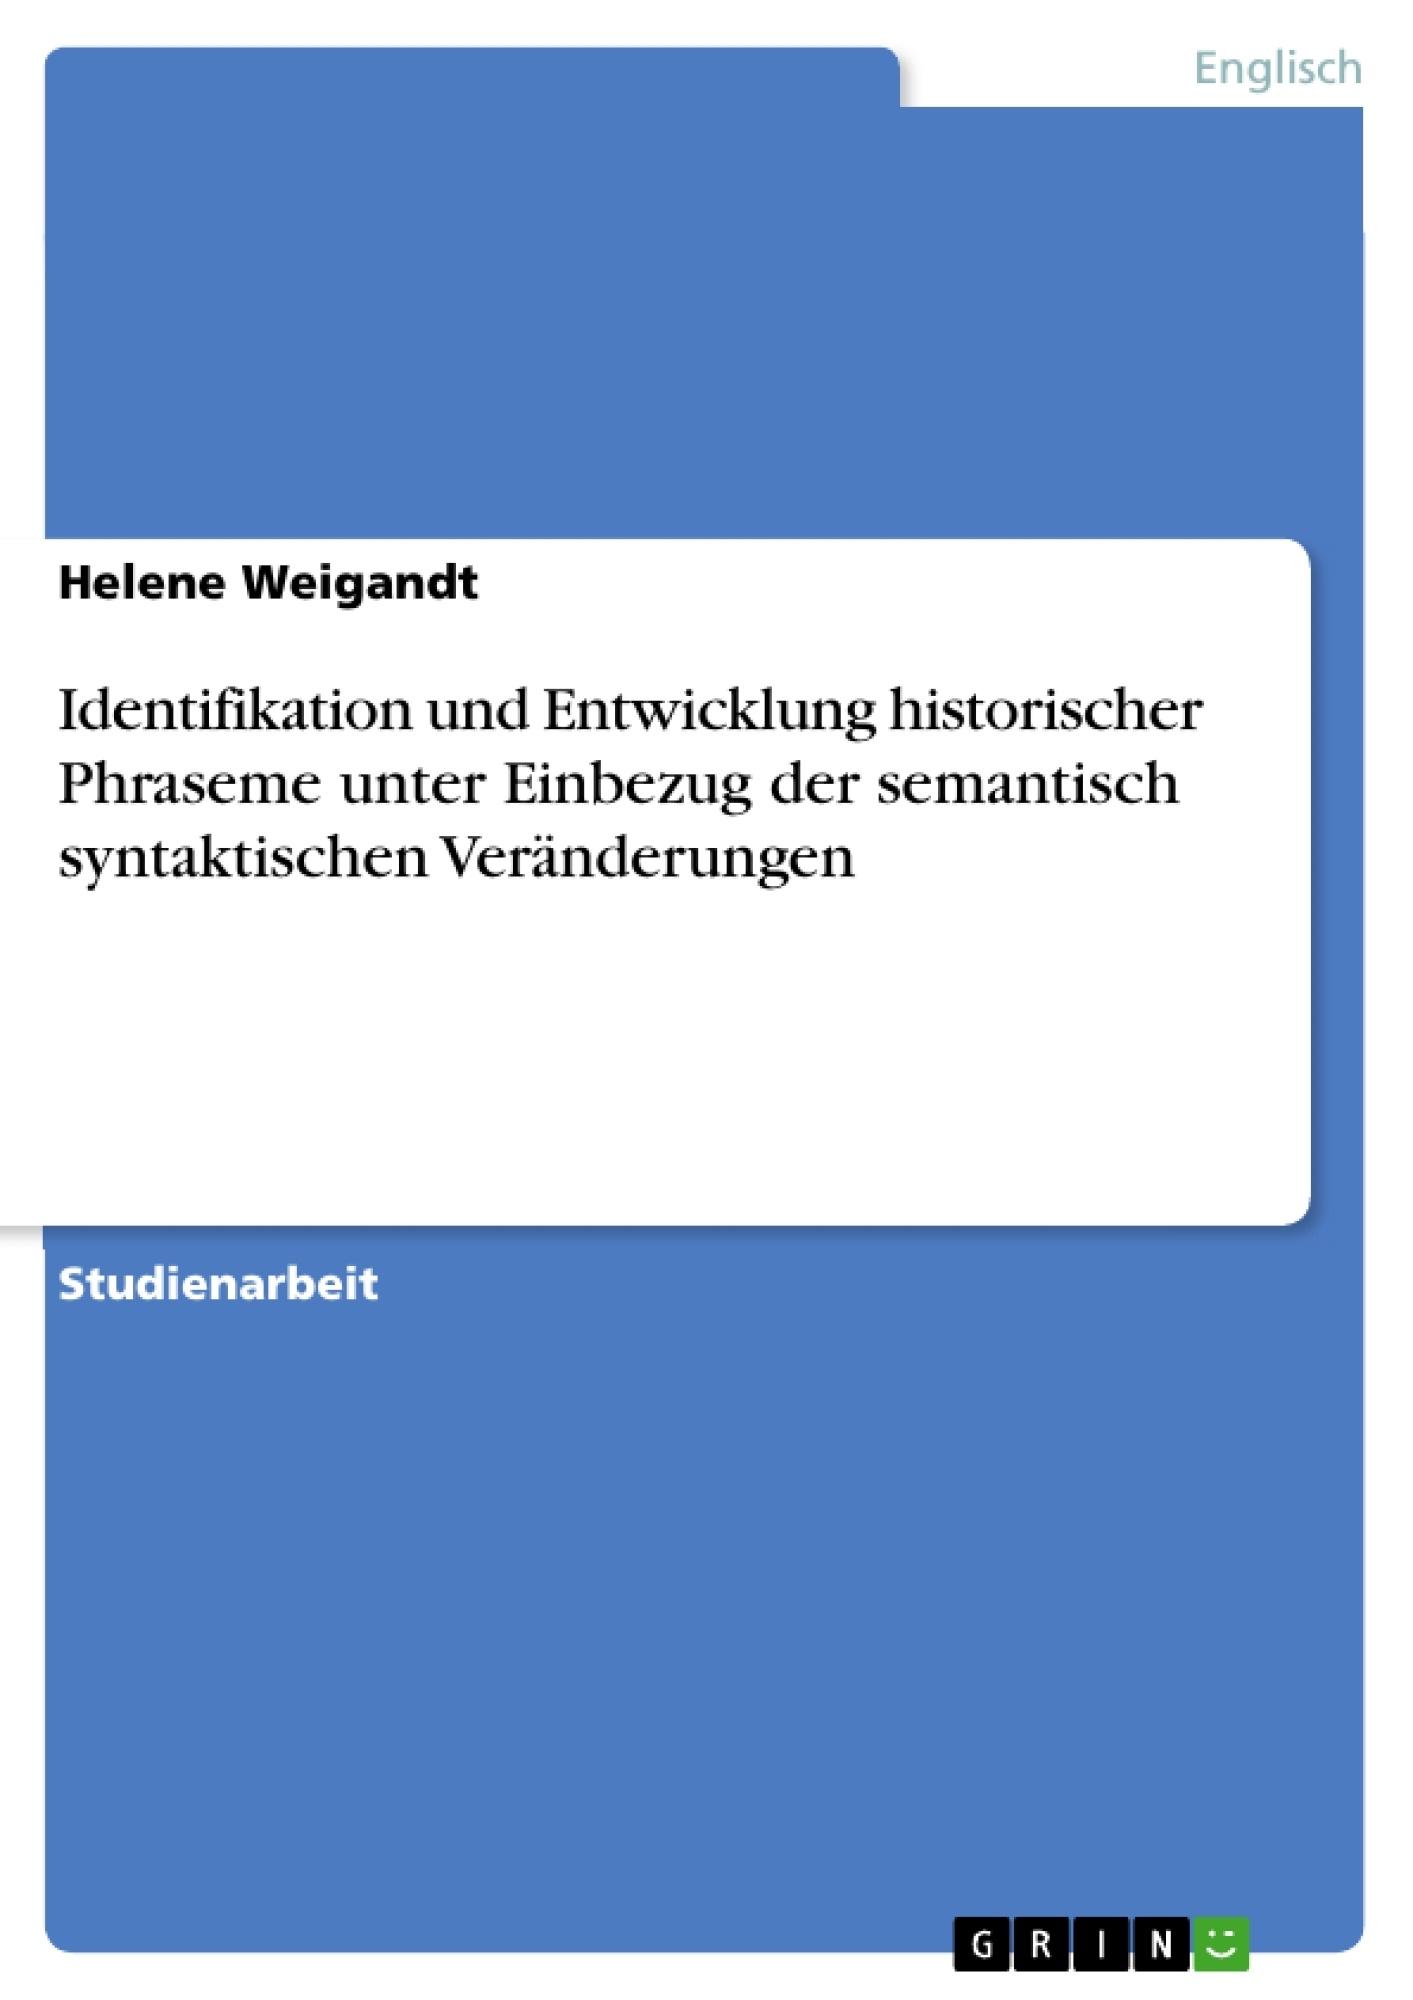 Titel: Identifikation und Entwicklung historischer Phraseme unter Einbezug der semantisch syntaktischen Veränderungen